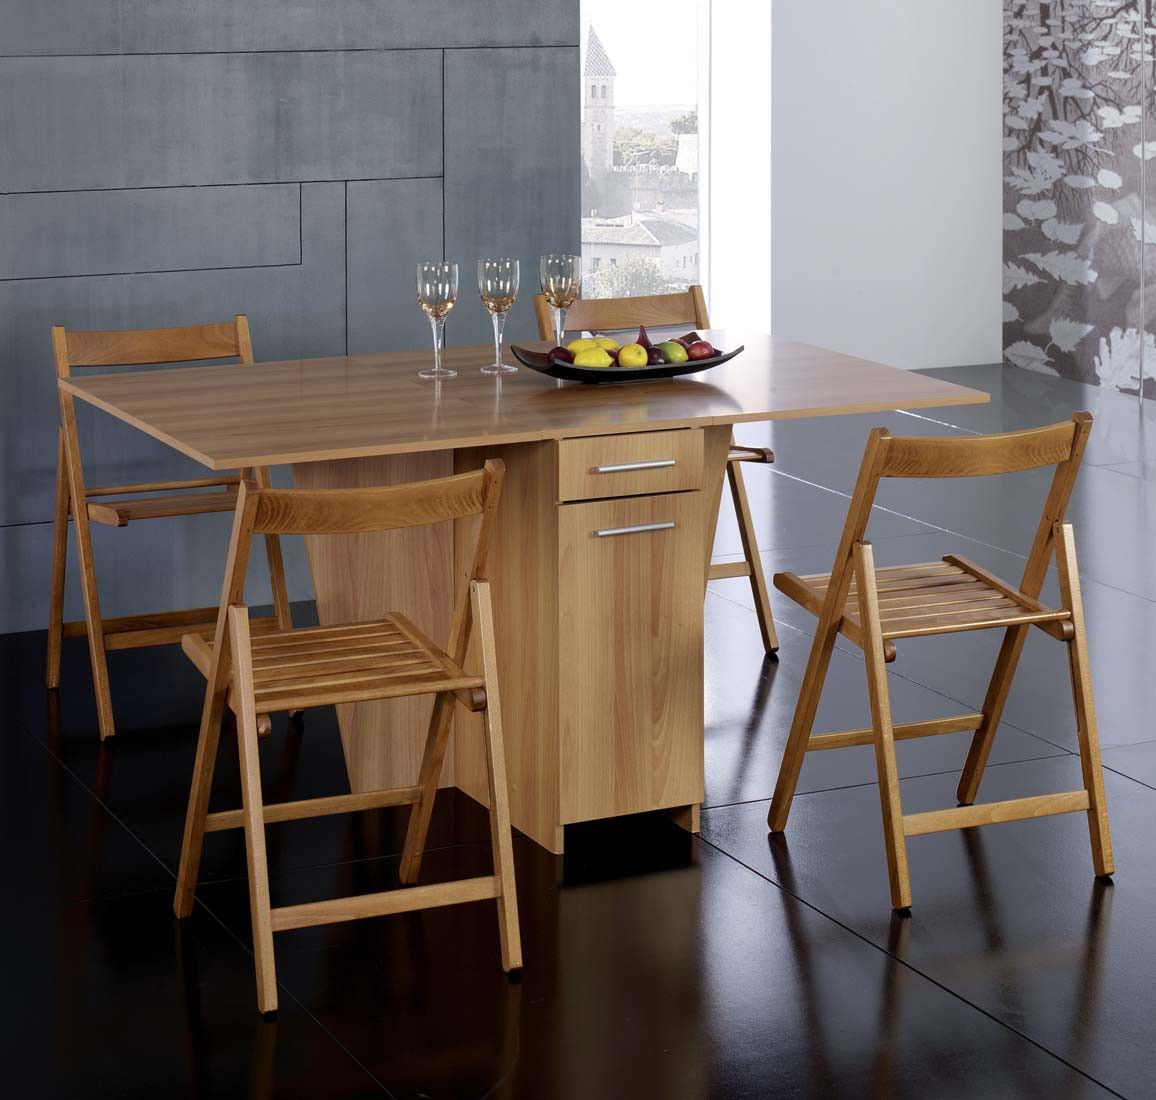 Table A Rabat Et Chaises Pliantes Table A Rabat Table Pliante Table De Cuisine Pliante